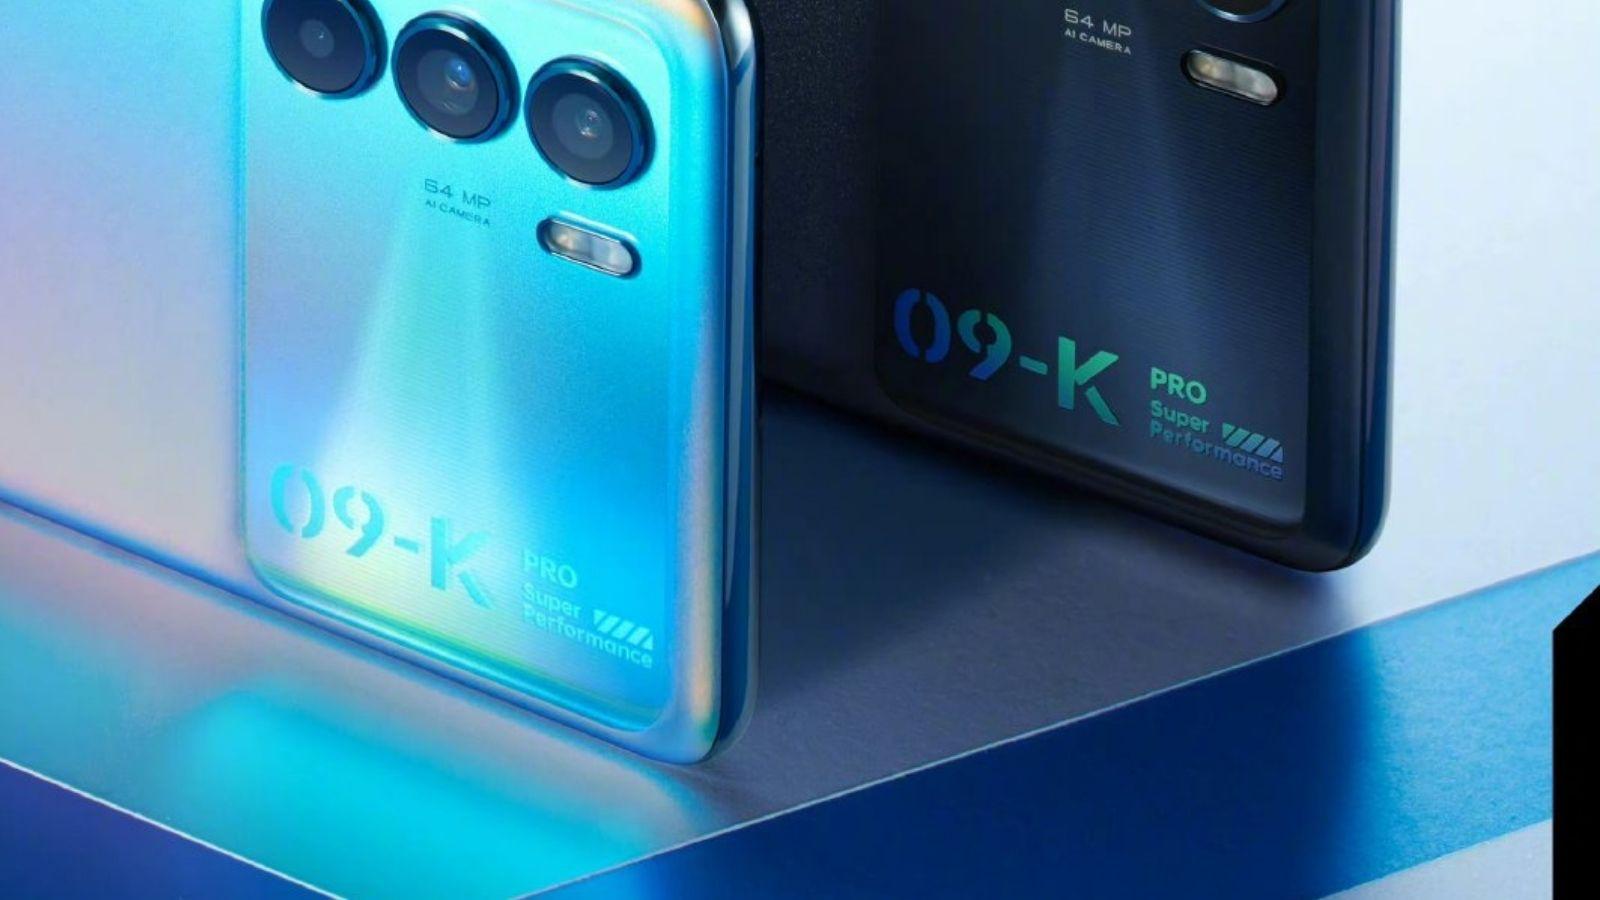 Oppo K9 Pro Phone